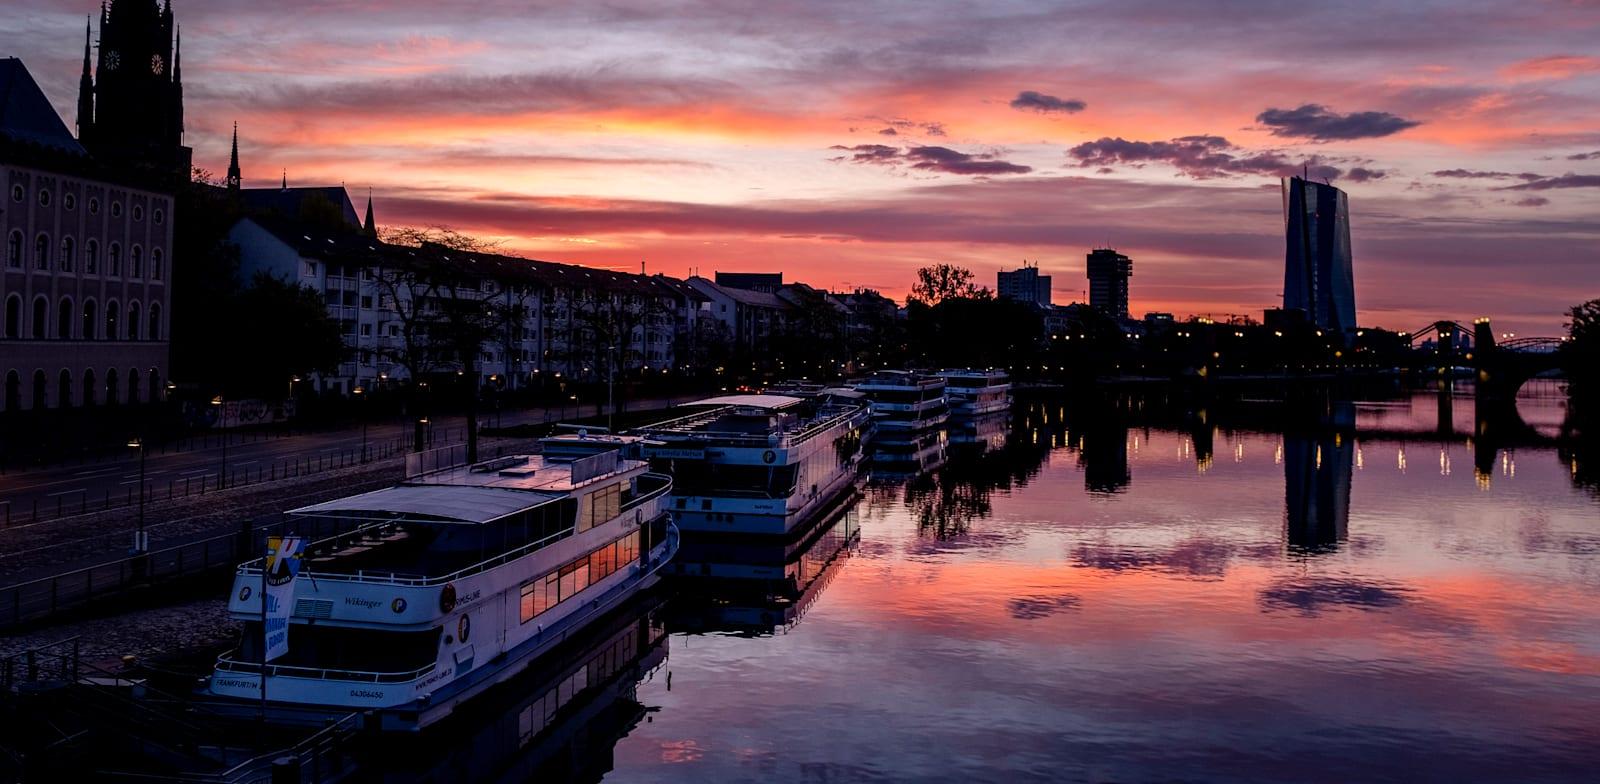 סירות התיירים חזרו לנהר מיין בפרנקפורט, גרמניה, השבוע. / צילום: Associated Press, Michael Probst